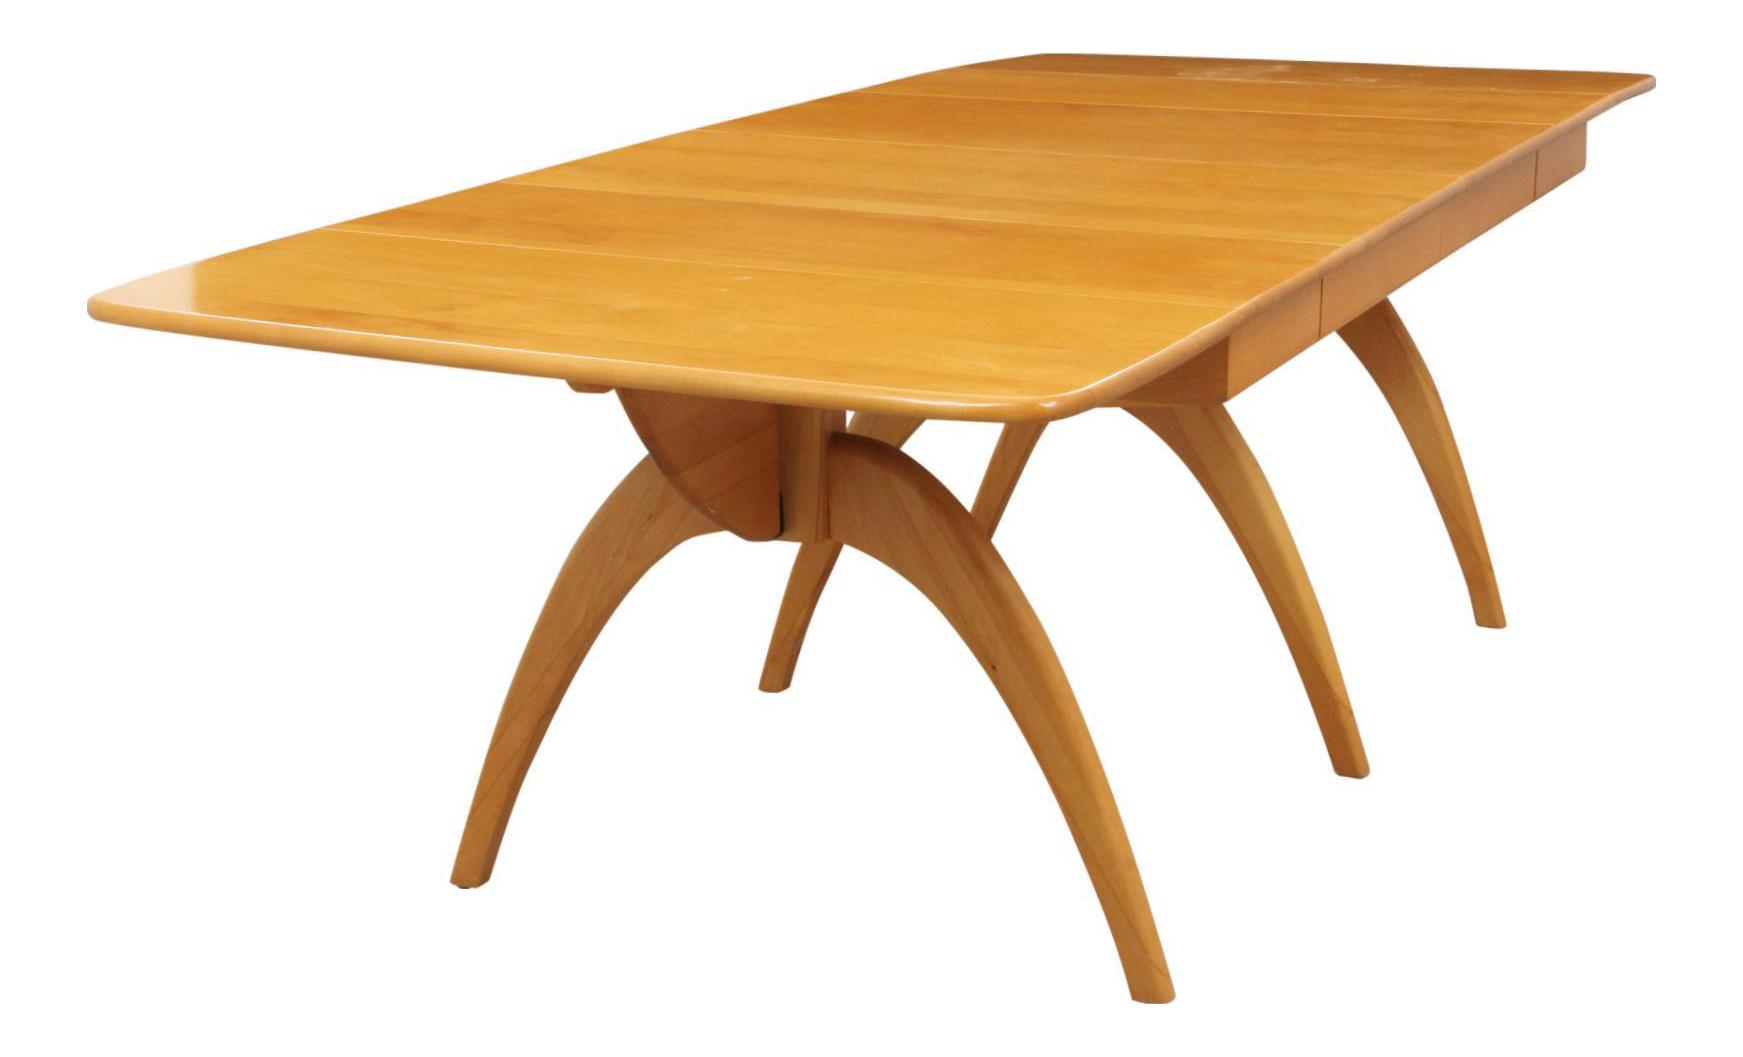 Heywood Wakefield Wishbone Dining Table  sc 1 st  Chairish & Vintage u0026 Used Heywood-Wakefield Dining Tables | Chairish